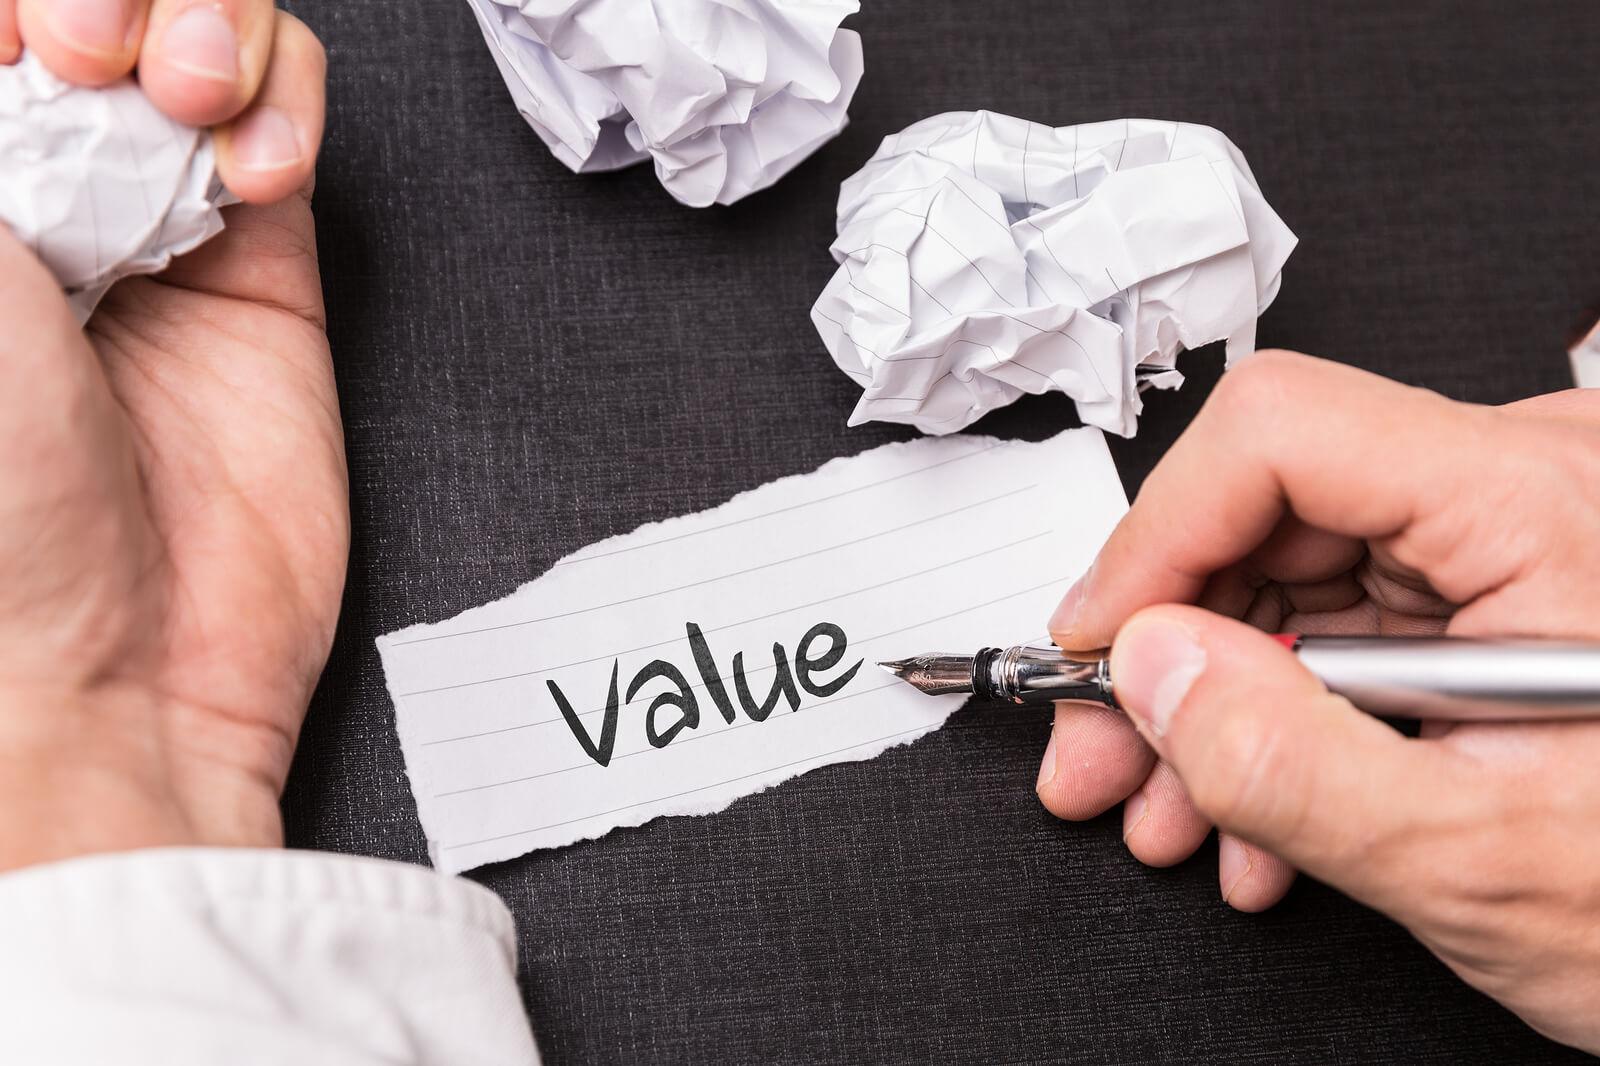 Cómo evaluar los valores profesionales a través de tests psicométricos